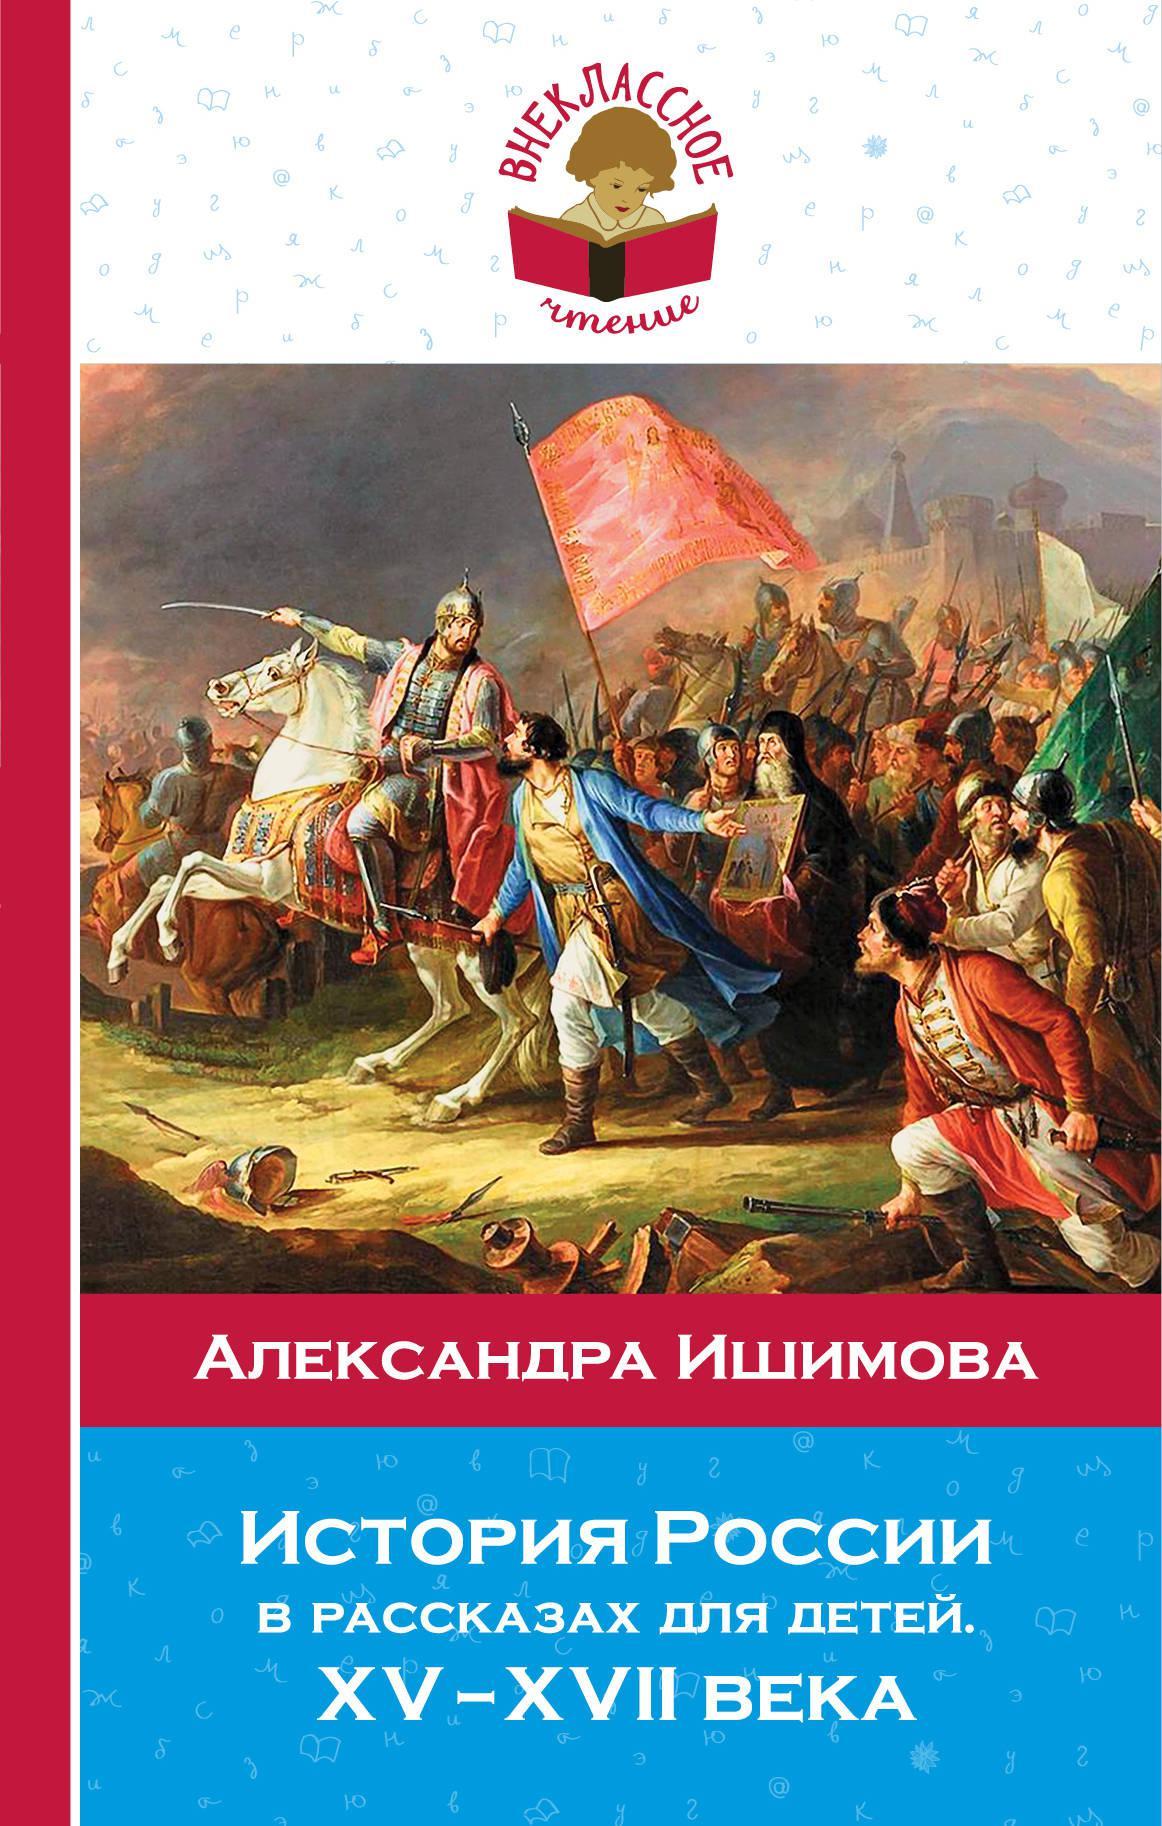 История России в рассказах для детей. ХV - ХVII века